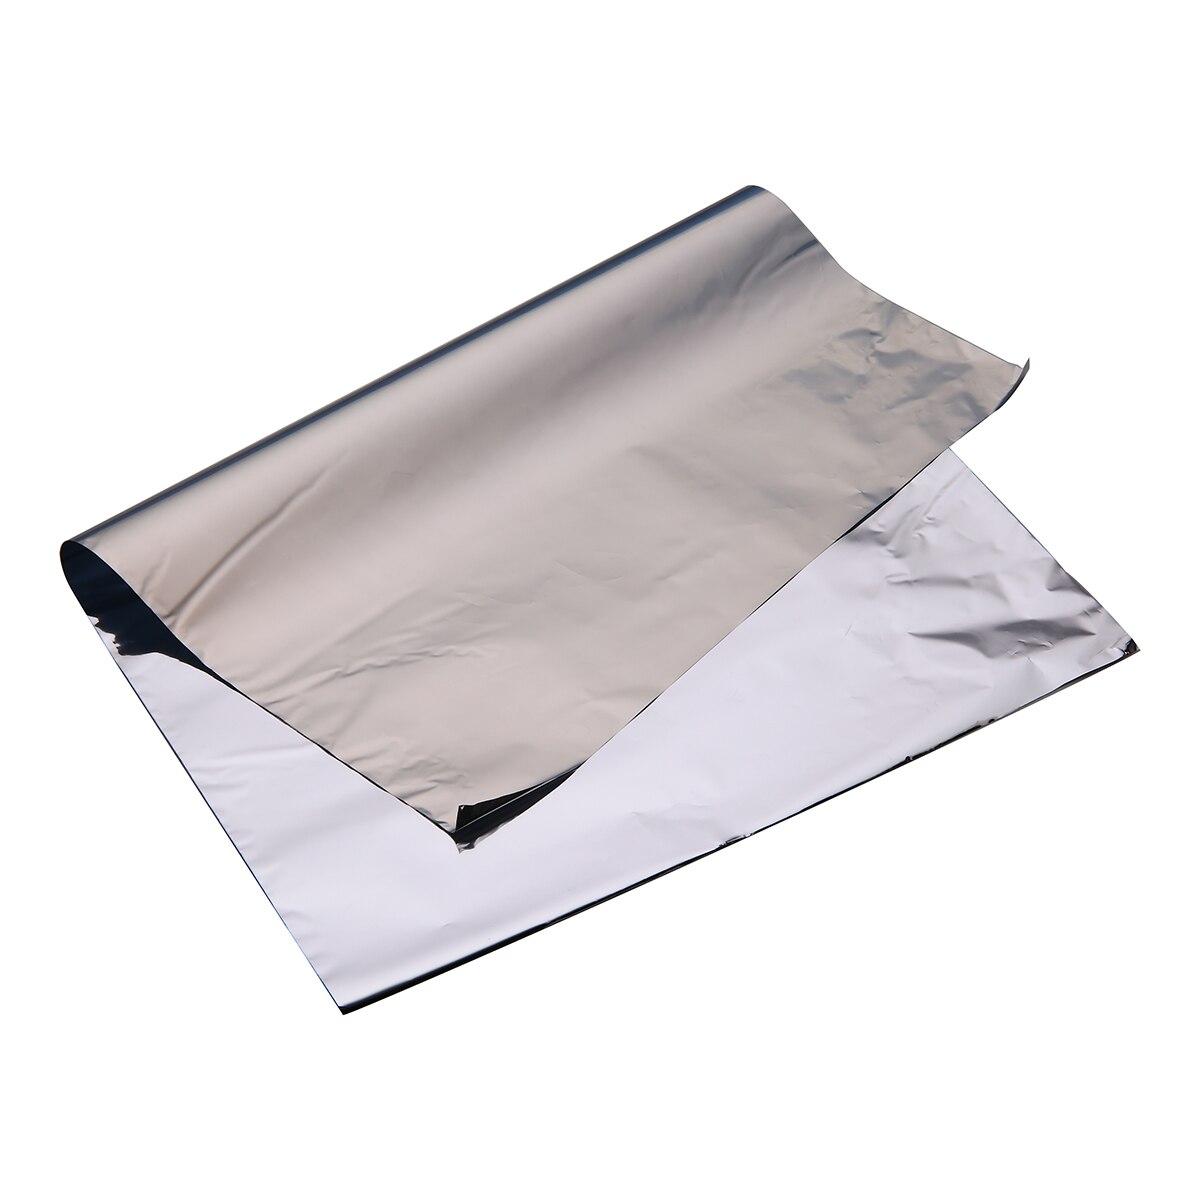 1set/50 Sheets A4 Light Sliver Leaf Foil Paper Leaves For Gilding Decoration DIY Decorative Material Art Work Crafts 210x297mm